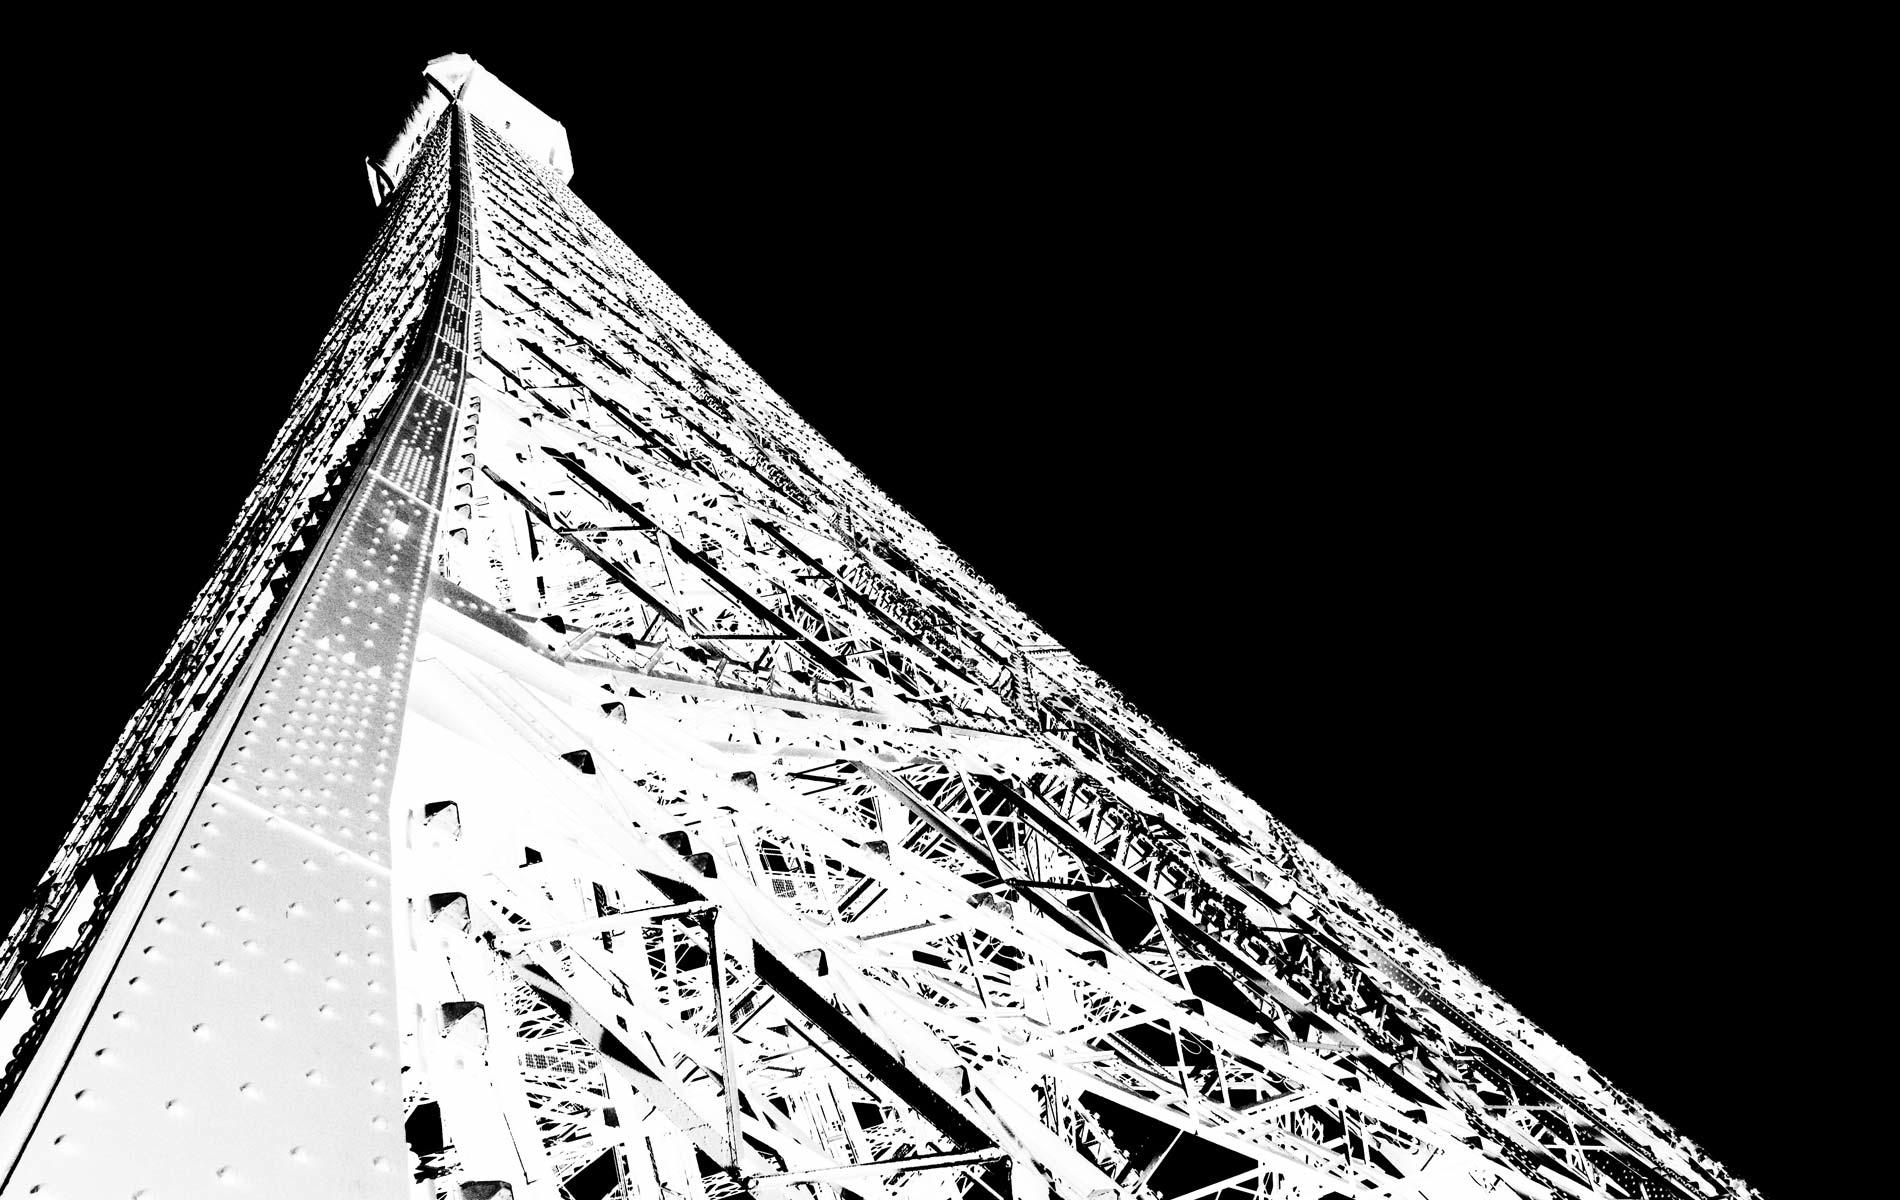 19. Graphique en Pyramide n. 2  –  Pyramid Diagram n. 2 - © Graziano Villa